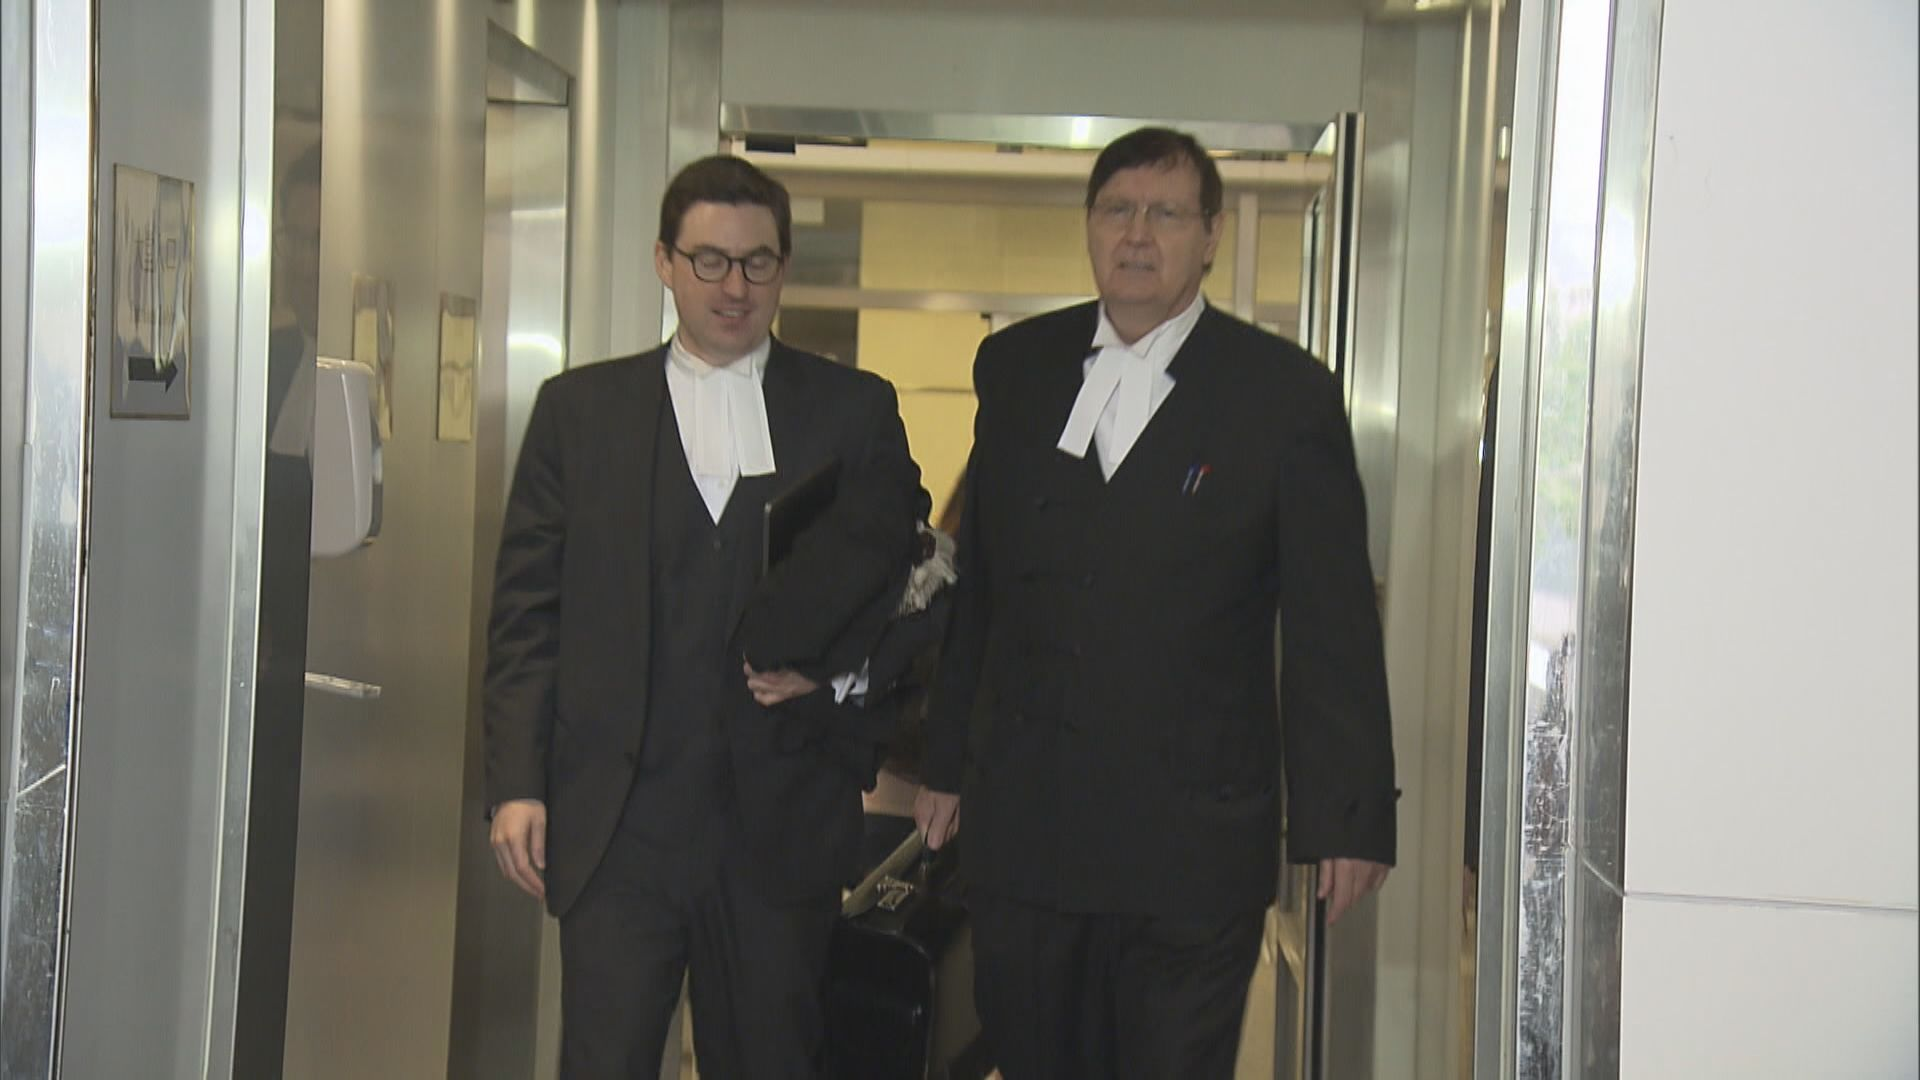 高院批准英國御用大律師彭力克代表劉鑾雄